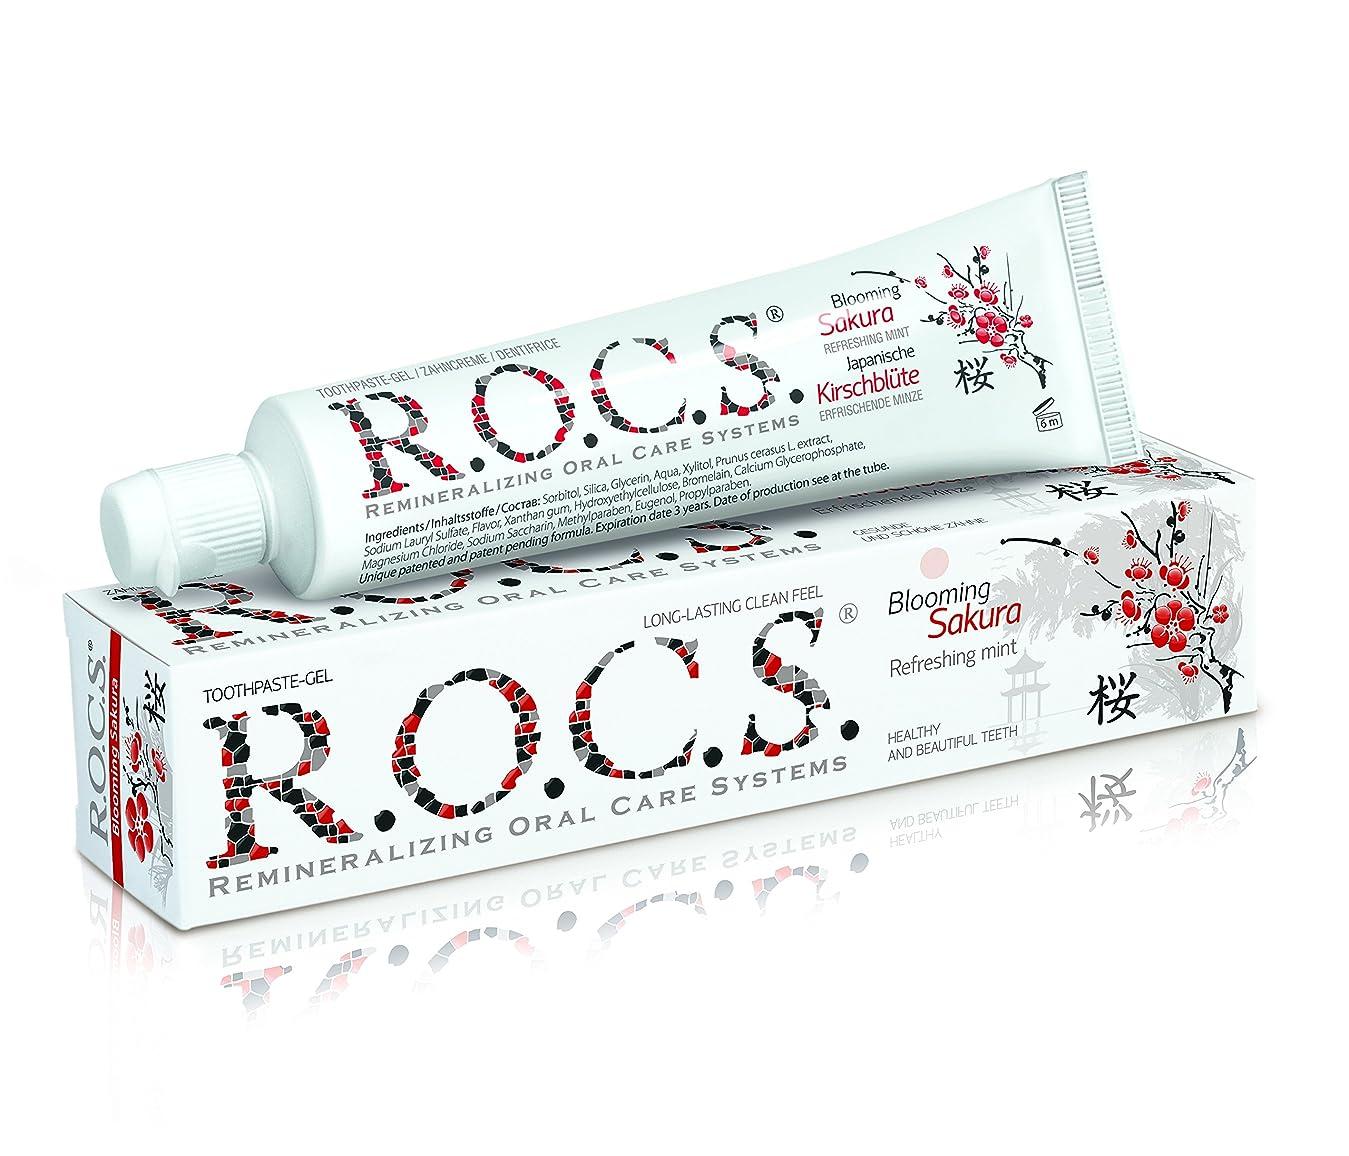 集中探すしみR.O.C.S. ロックス歯磨き粉 ブルーミング サクラ